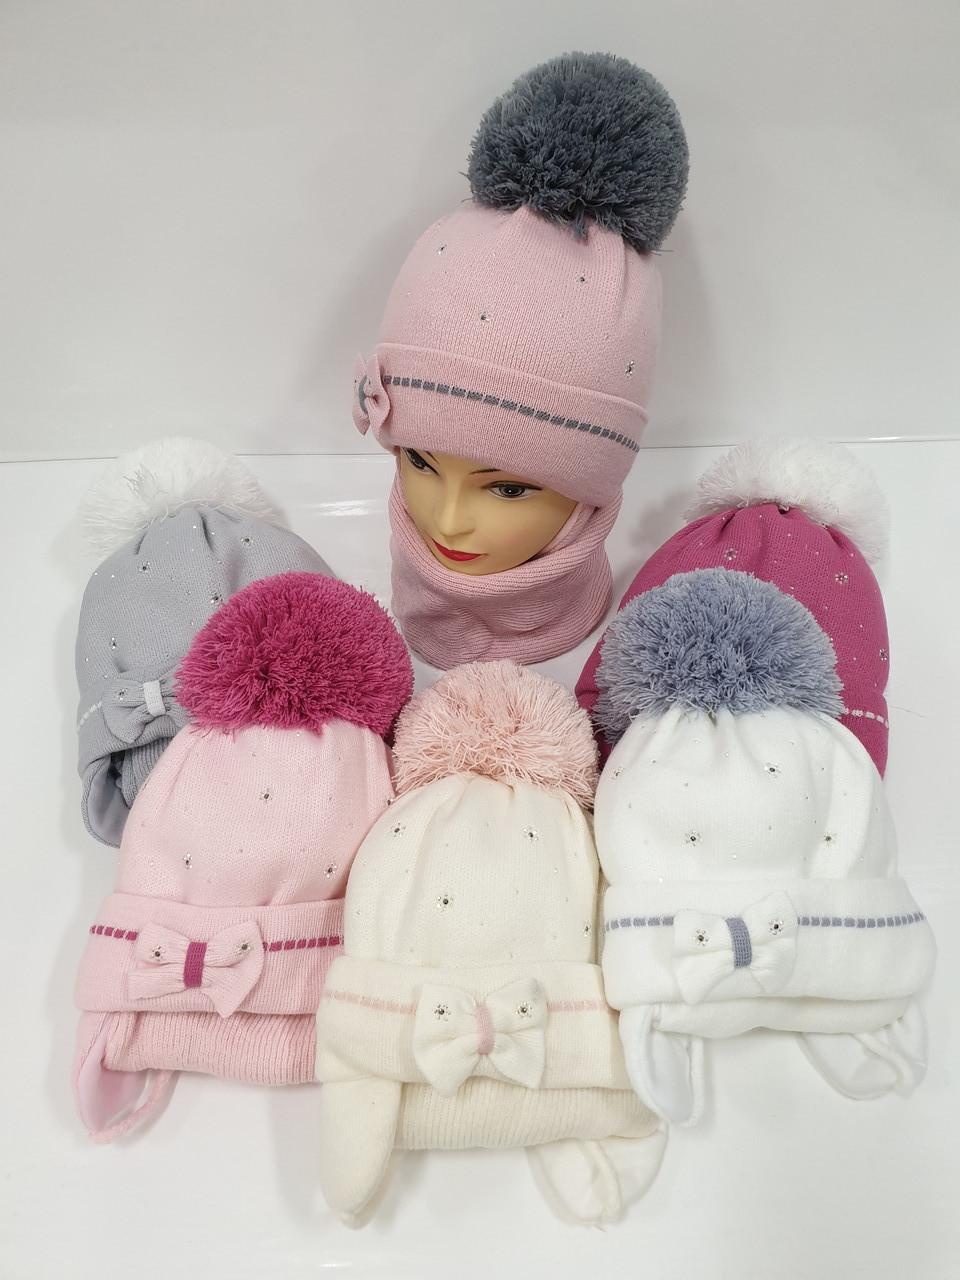 Детские утепленные вязаные шапки оптом с шарфом, завязками и помпоном для девочек, р.48-50, Agbo (Польша)